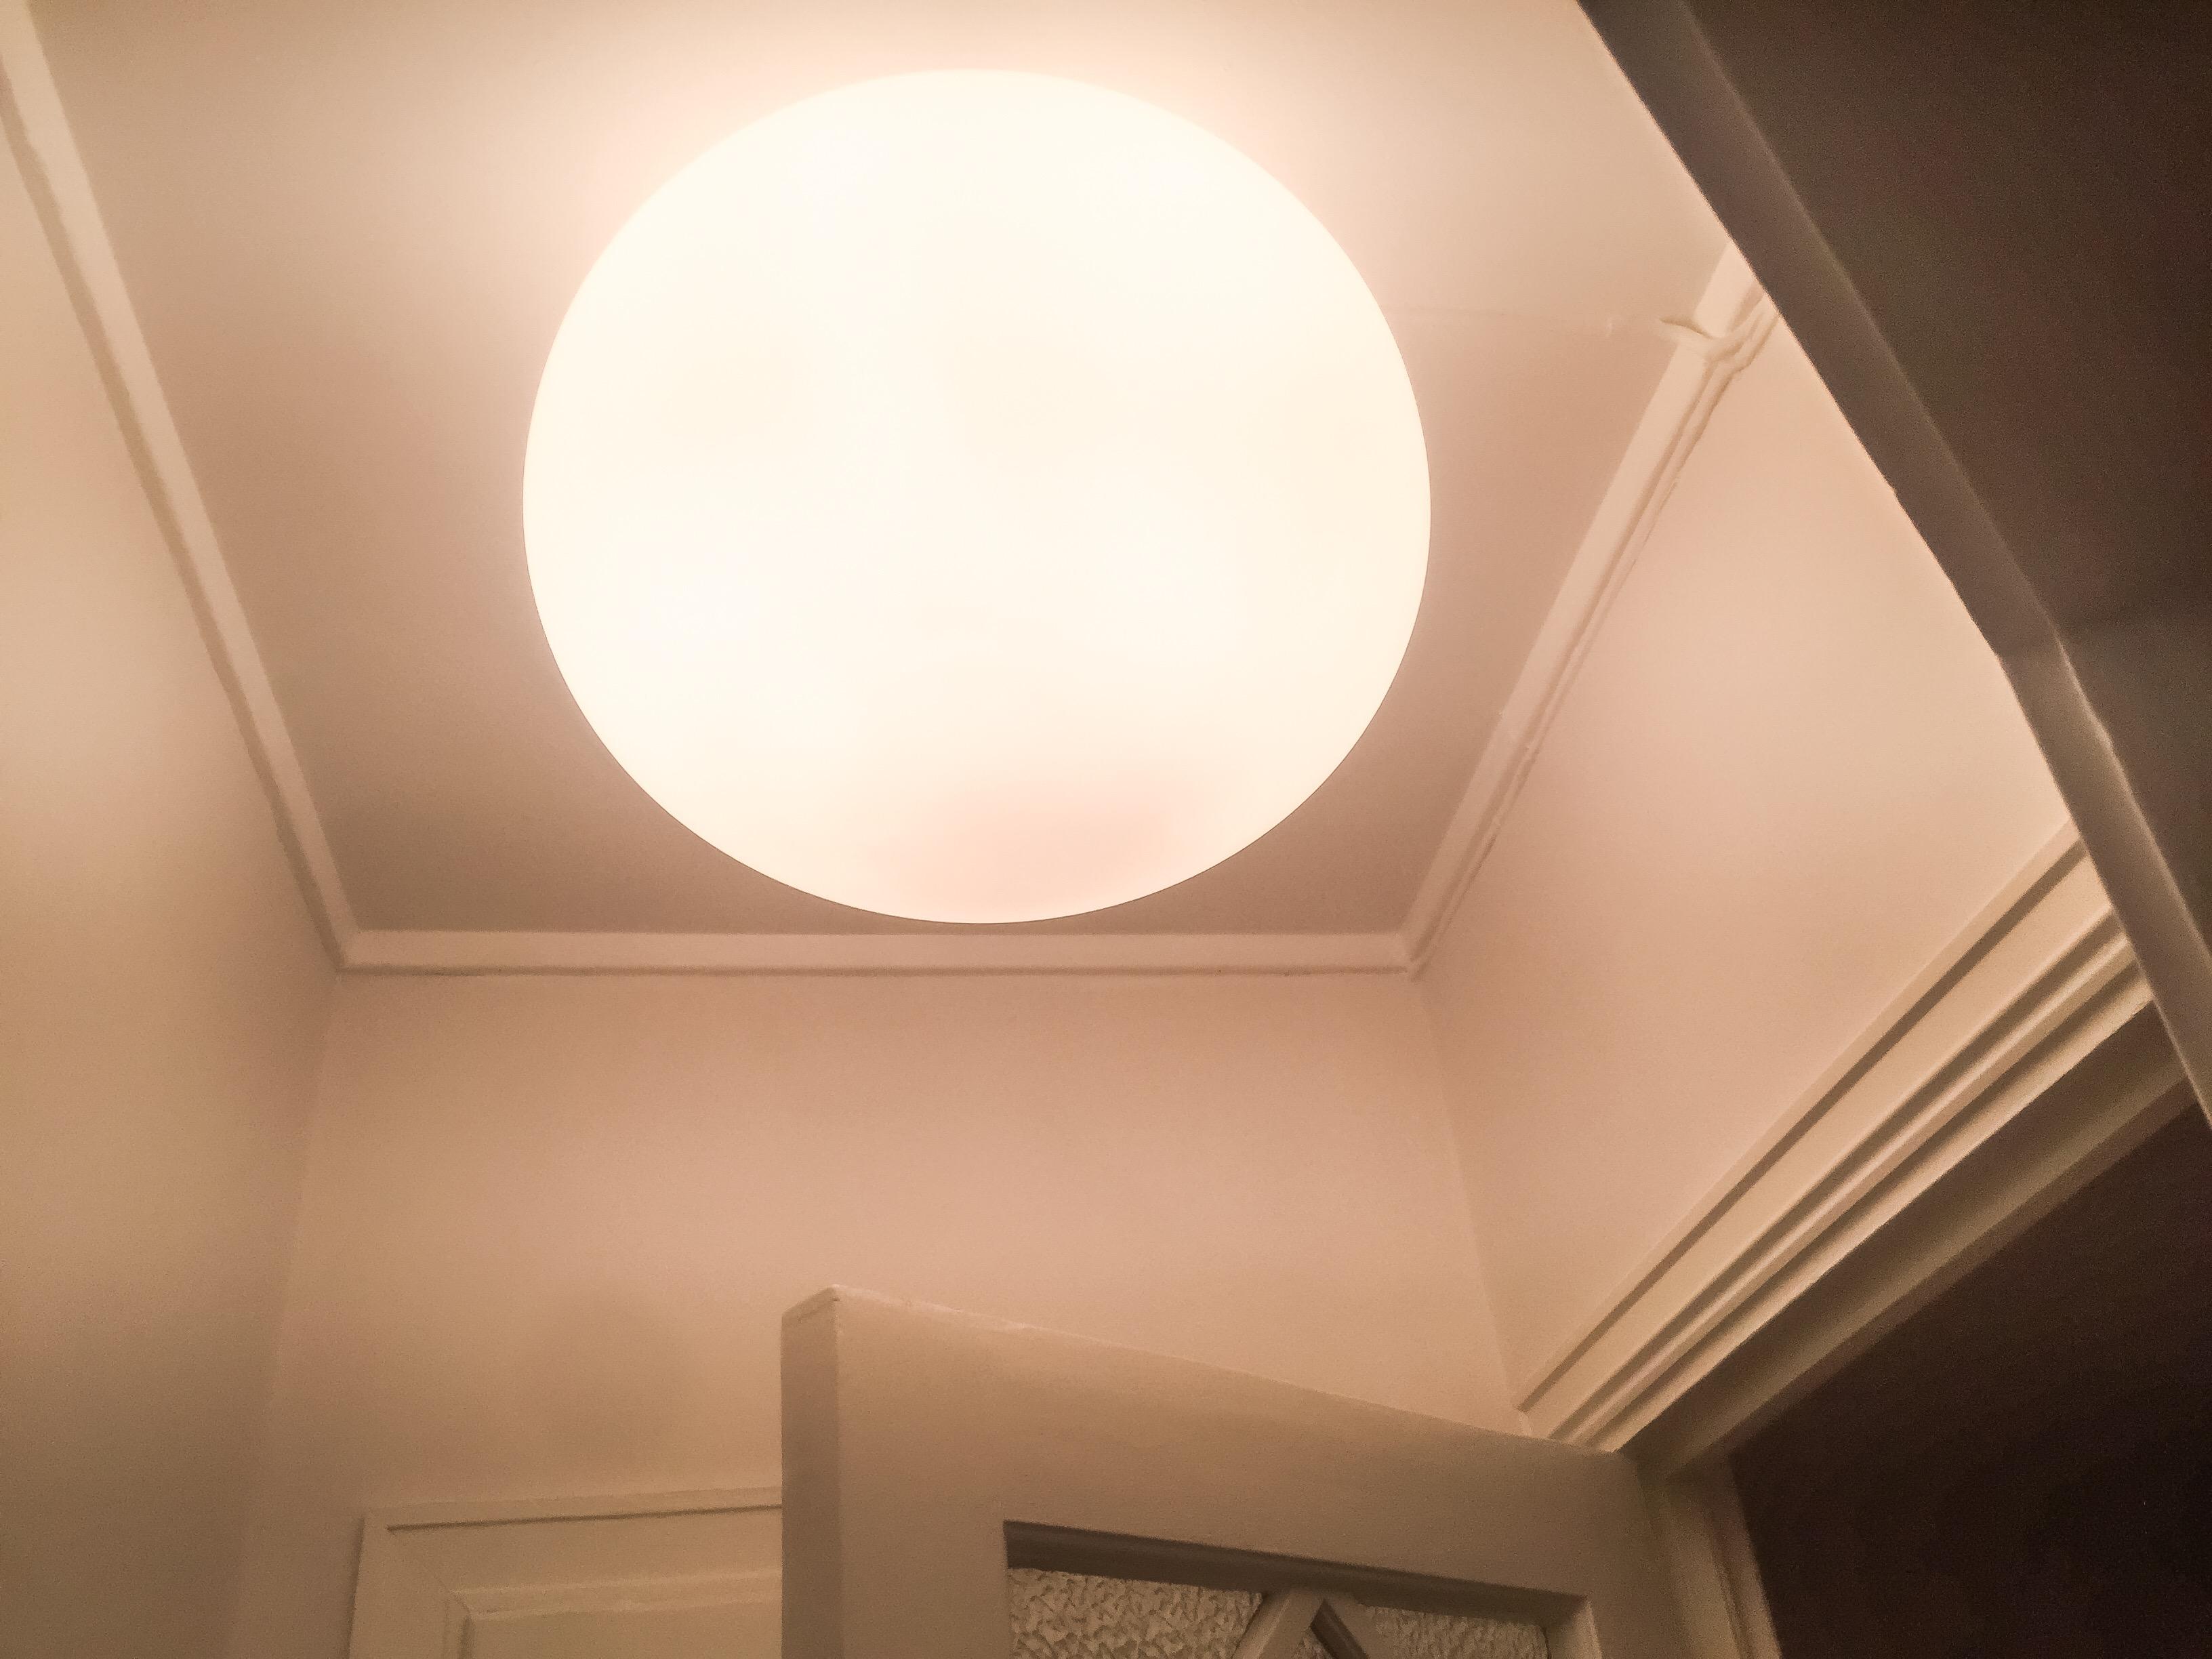 lamp-glo-ball-flos-jasper-morrison